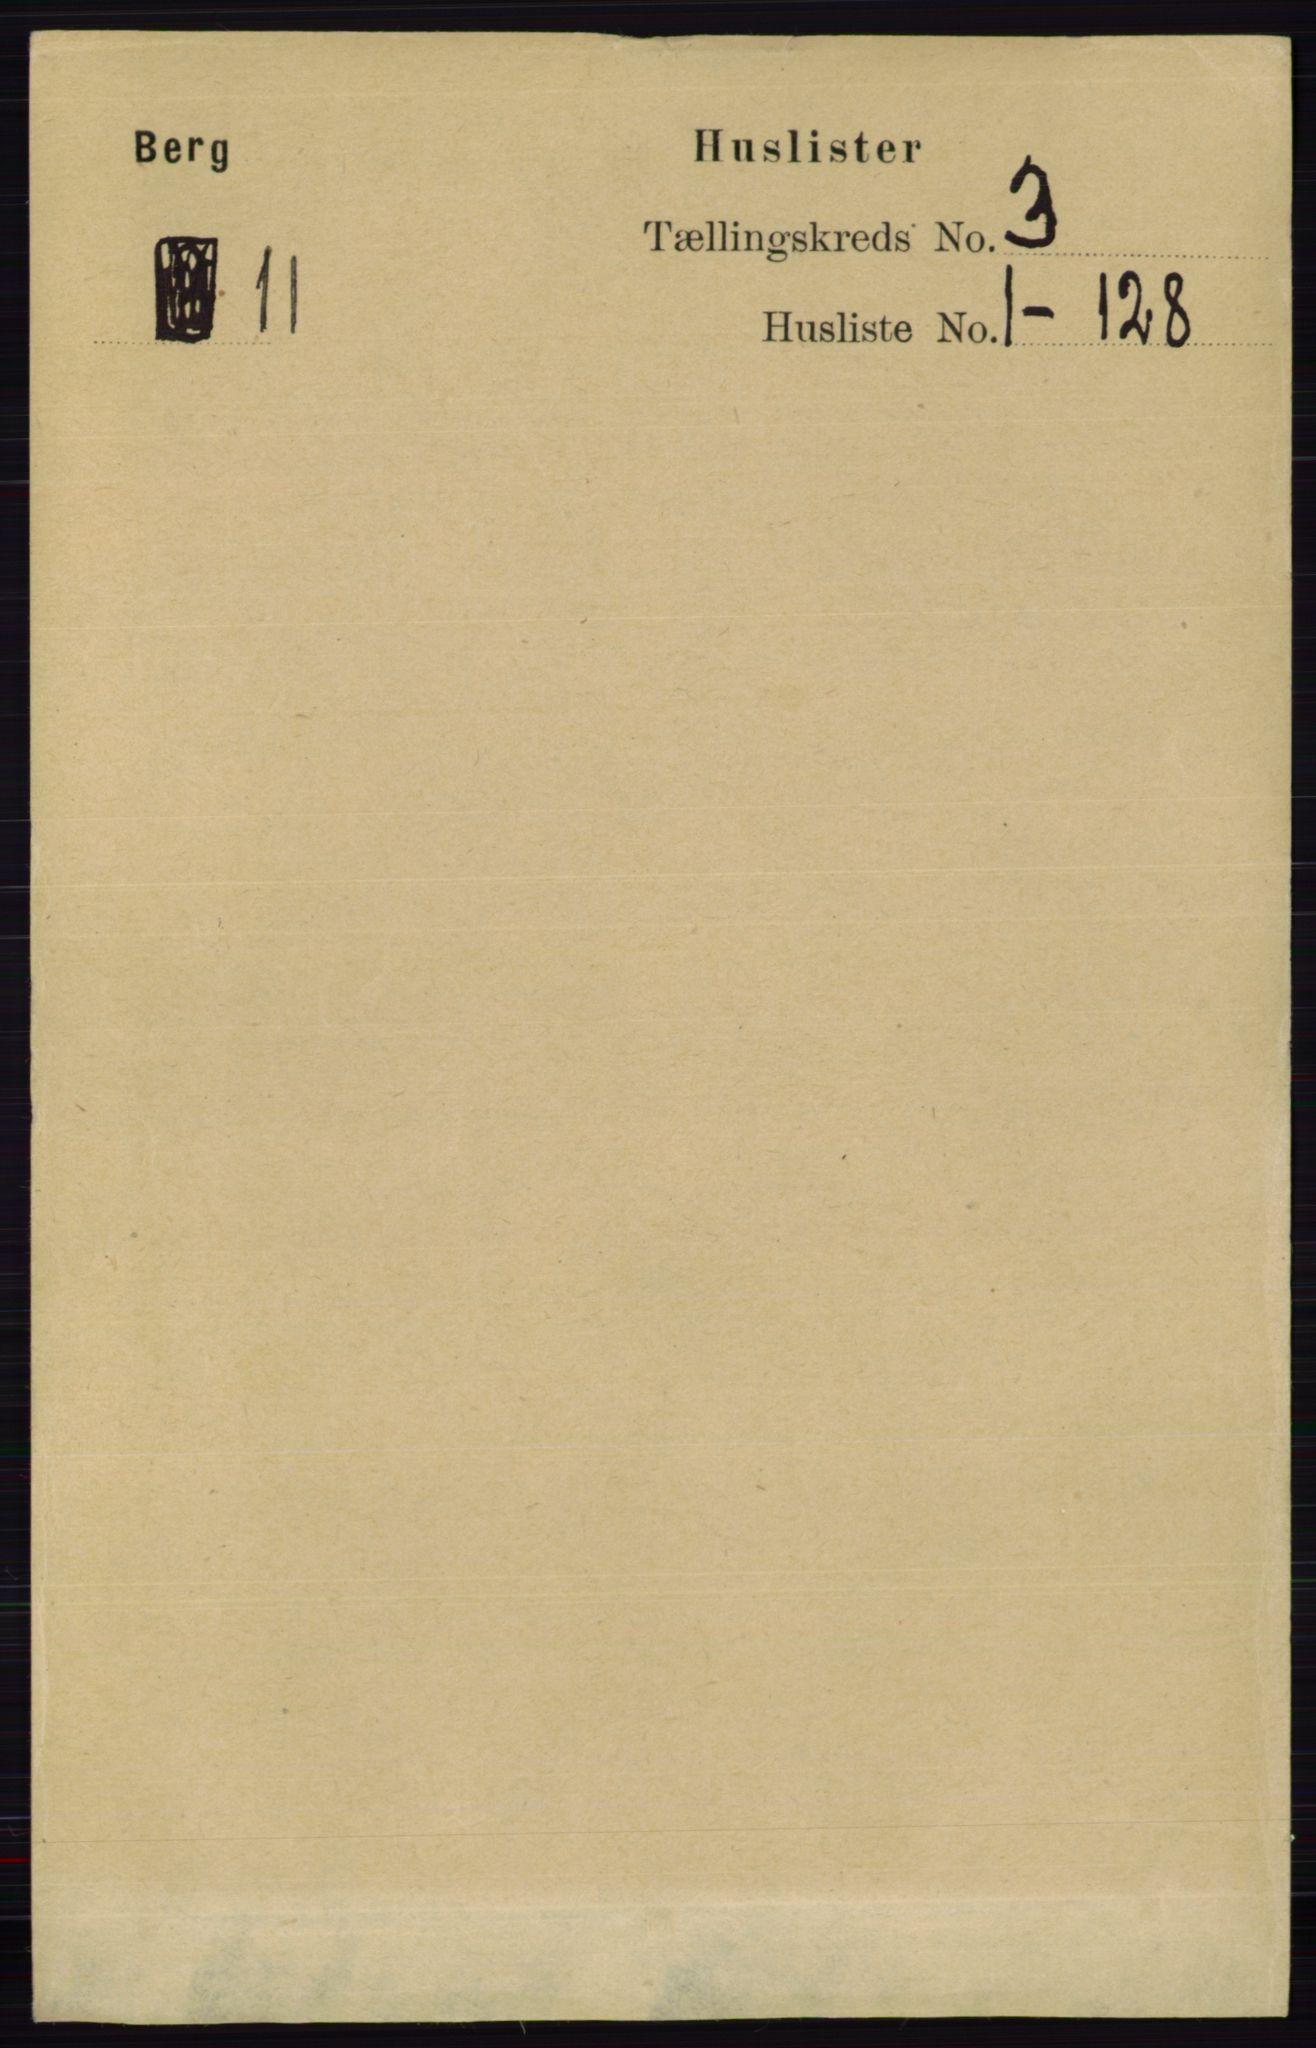 RA, Folketelling 1891 for 0116 Berg herred, 1891, s. 1750